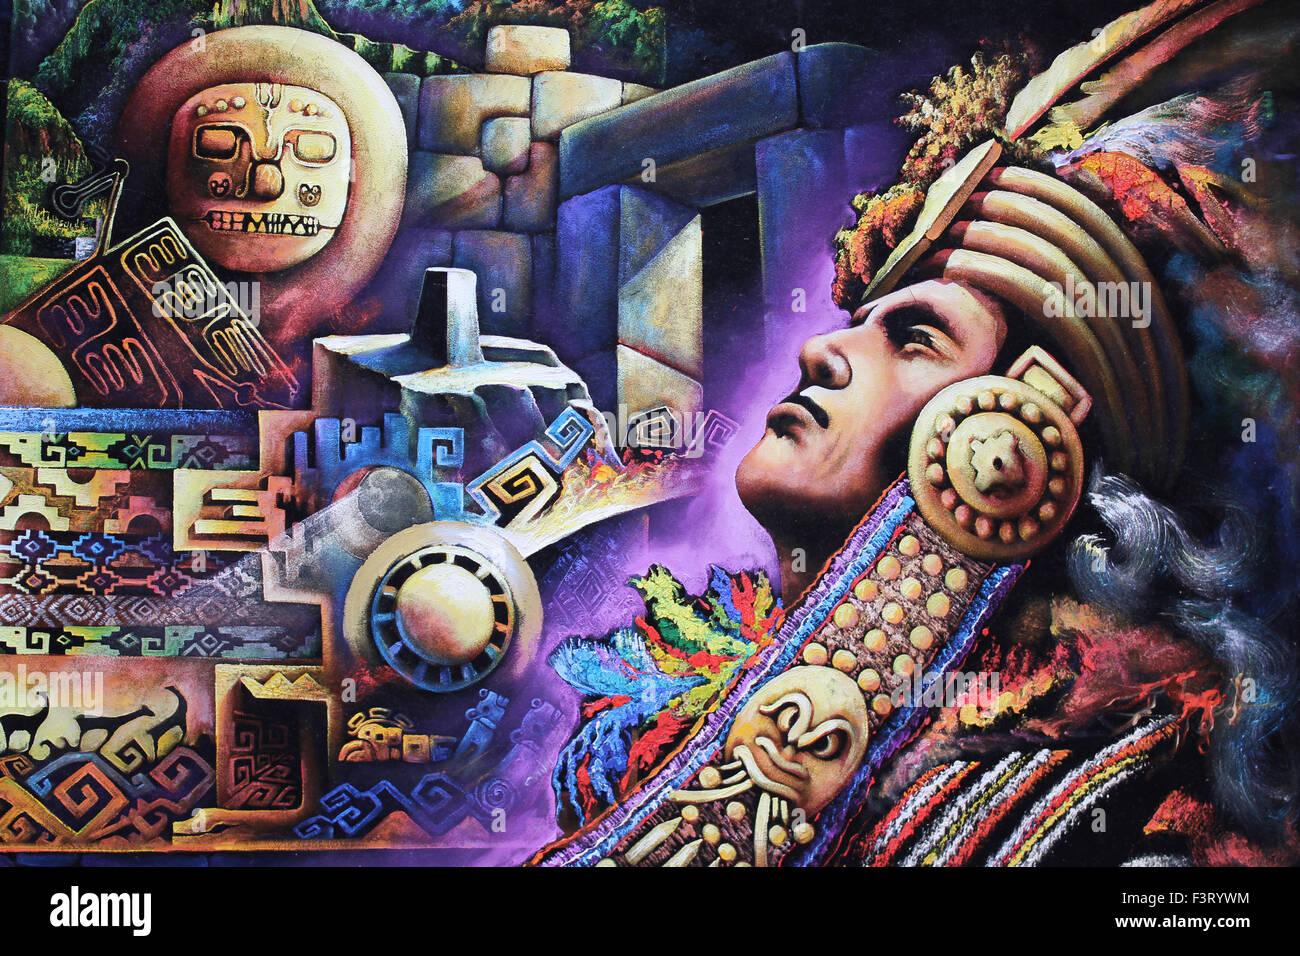 Zeitgenössische Malerei eines Inka-Krieger und Inka-Symbolik Stockbild